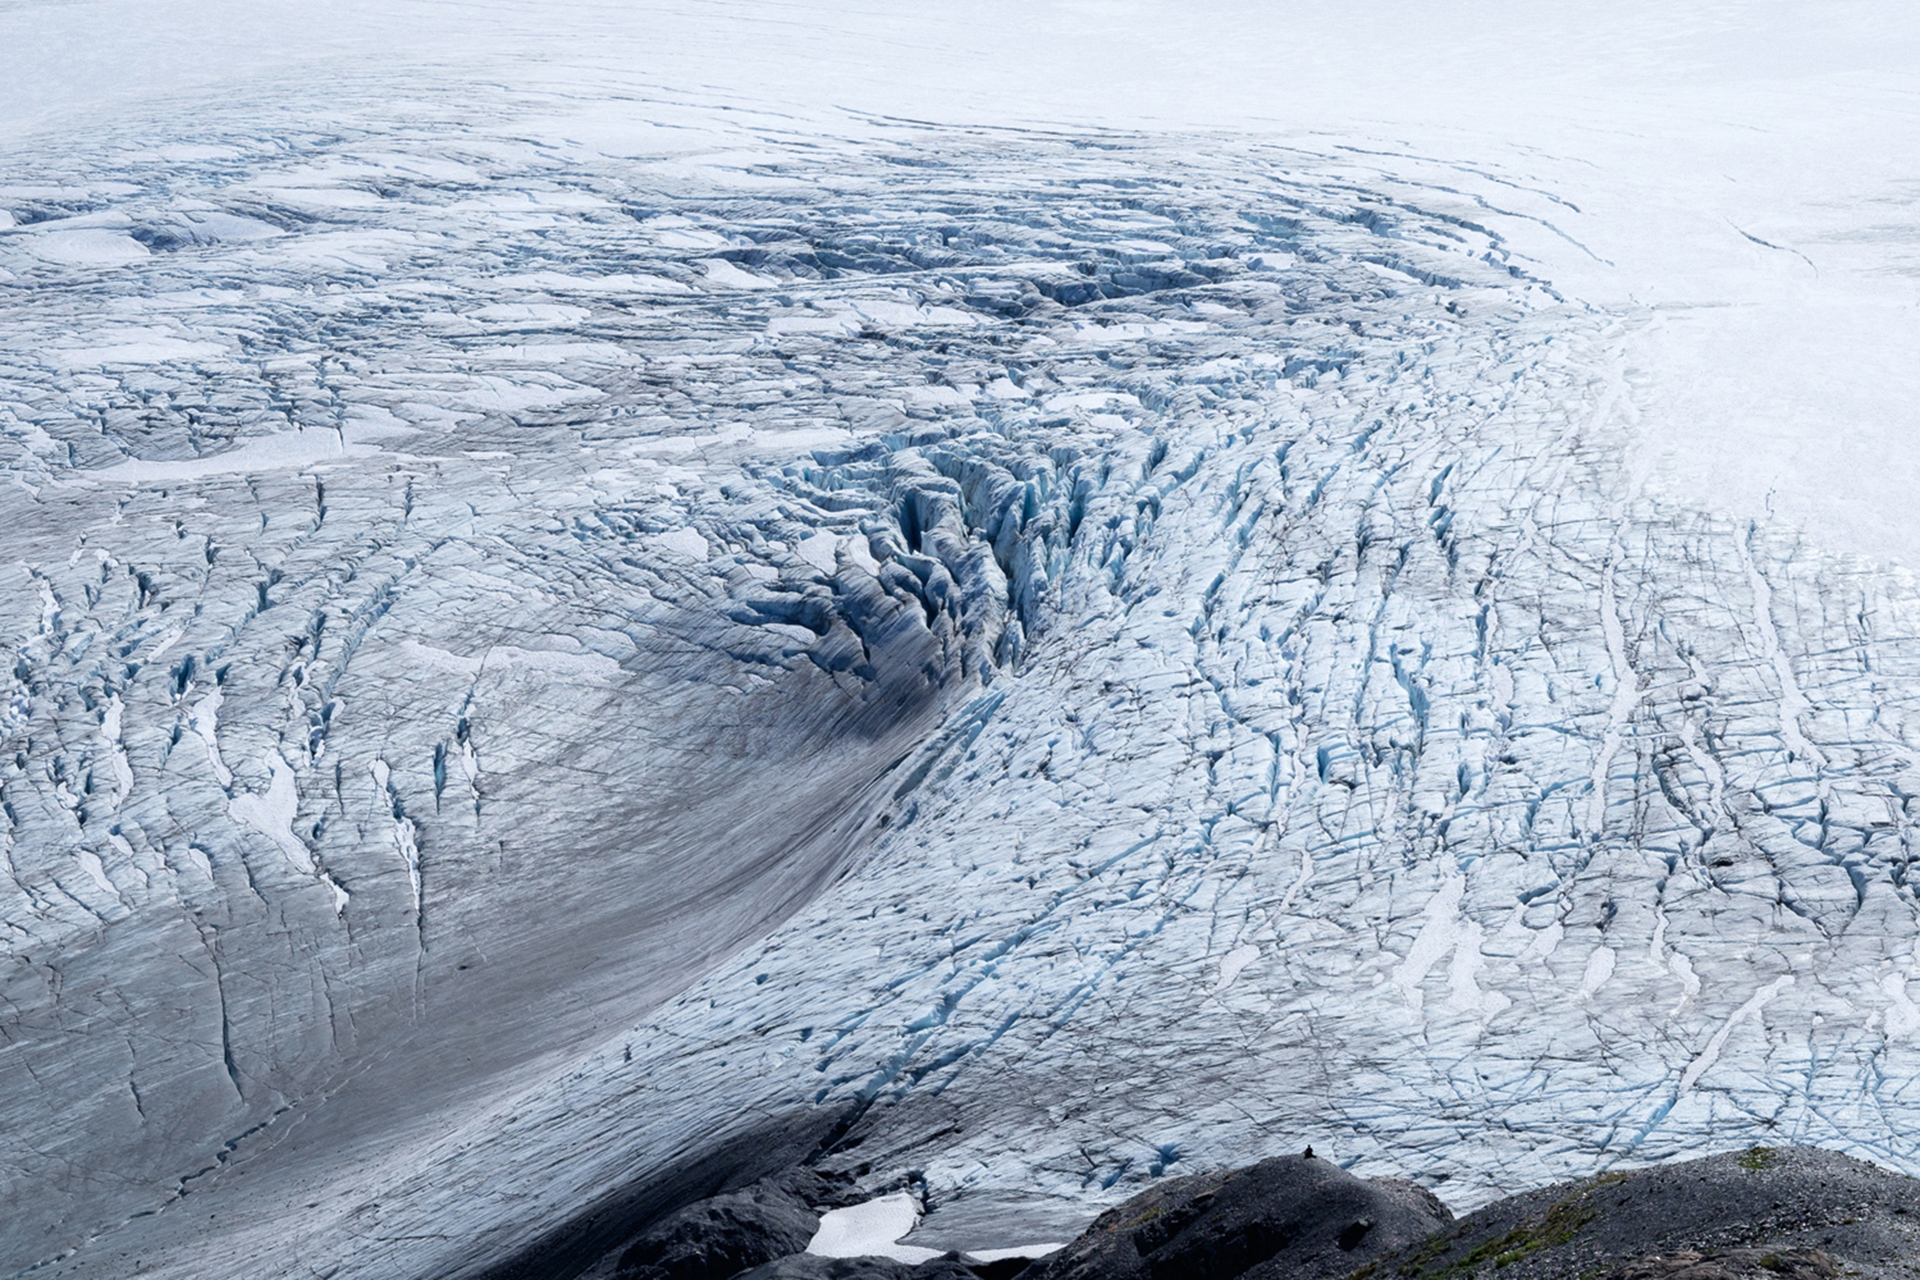 El campo de hielo de Harding es la fuente de unos 30 glaciares en la península de Kenai